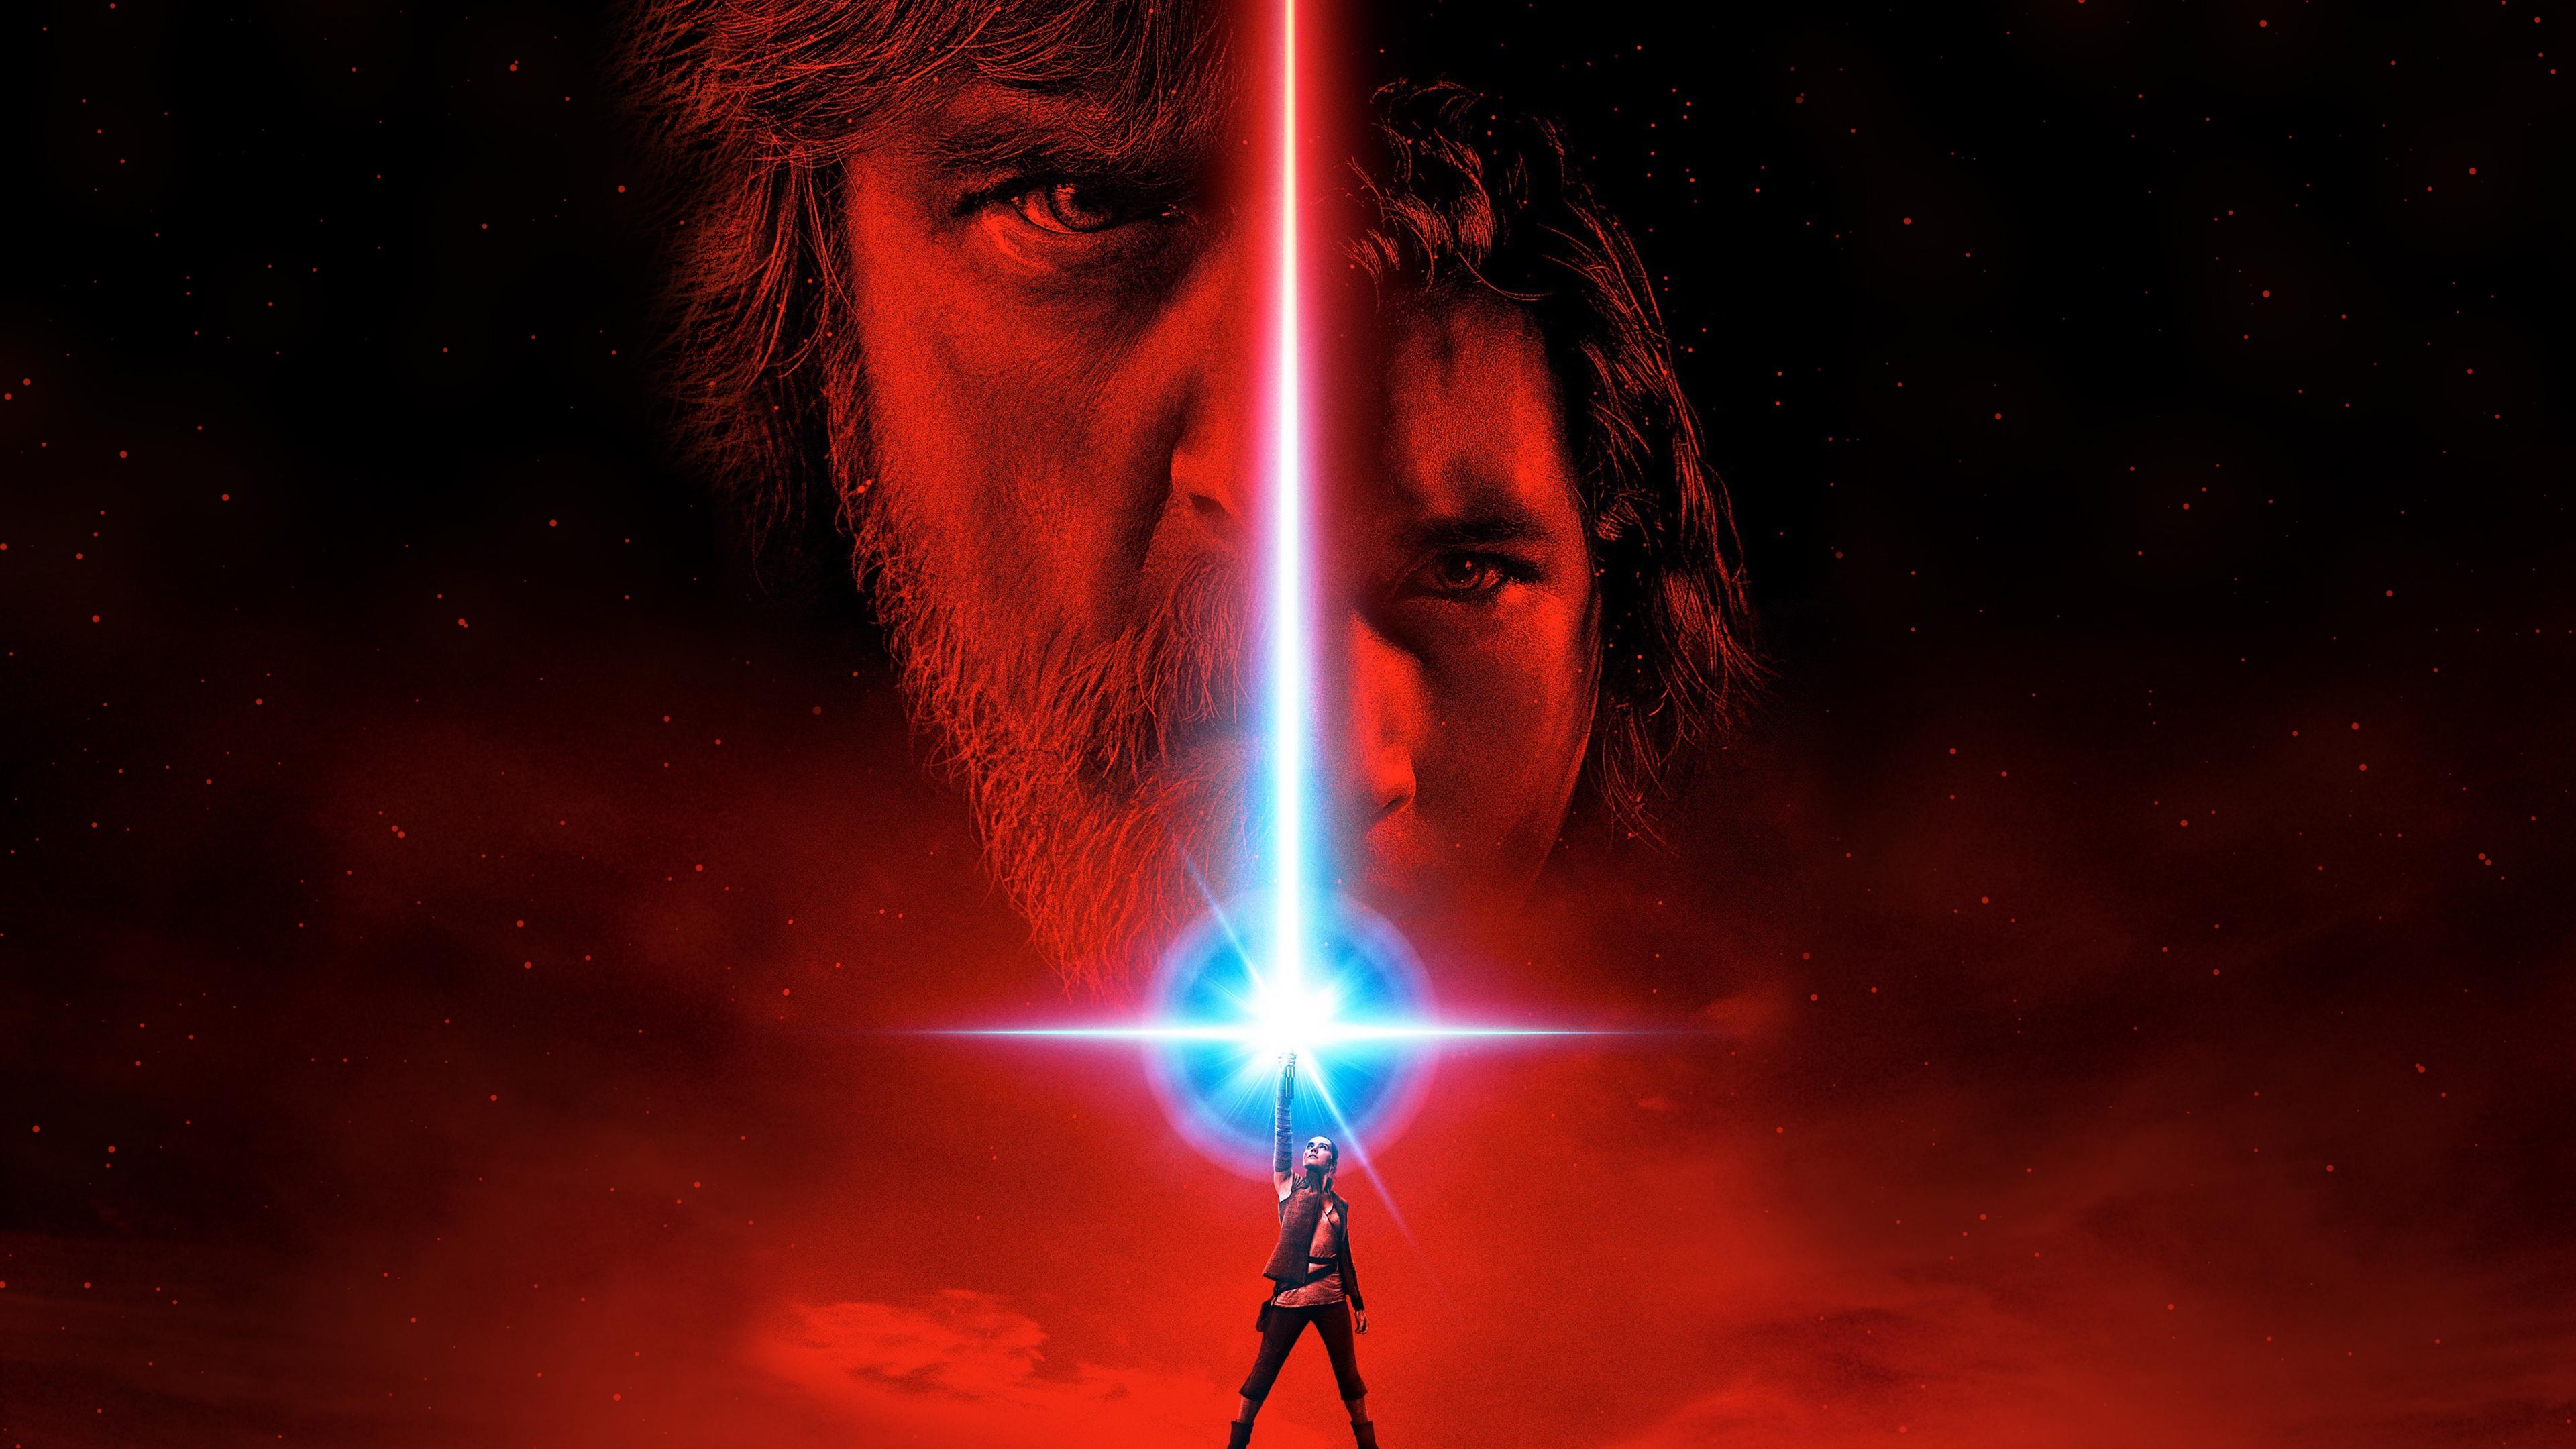 Adam Driver: Adam Driver, Daisy Ridley, Kylo Ren, Luke Skywalker, Mark Hamill, Рей, Star Wars